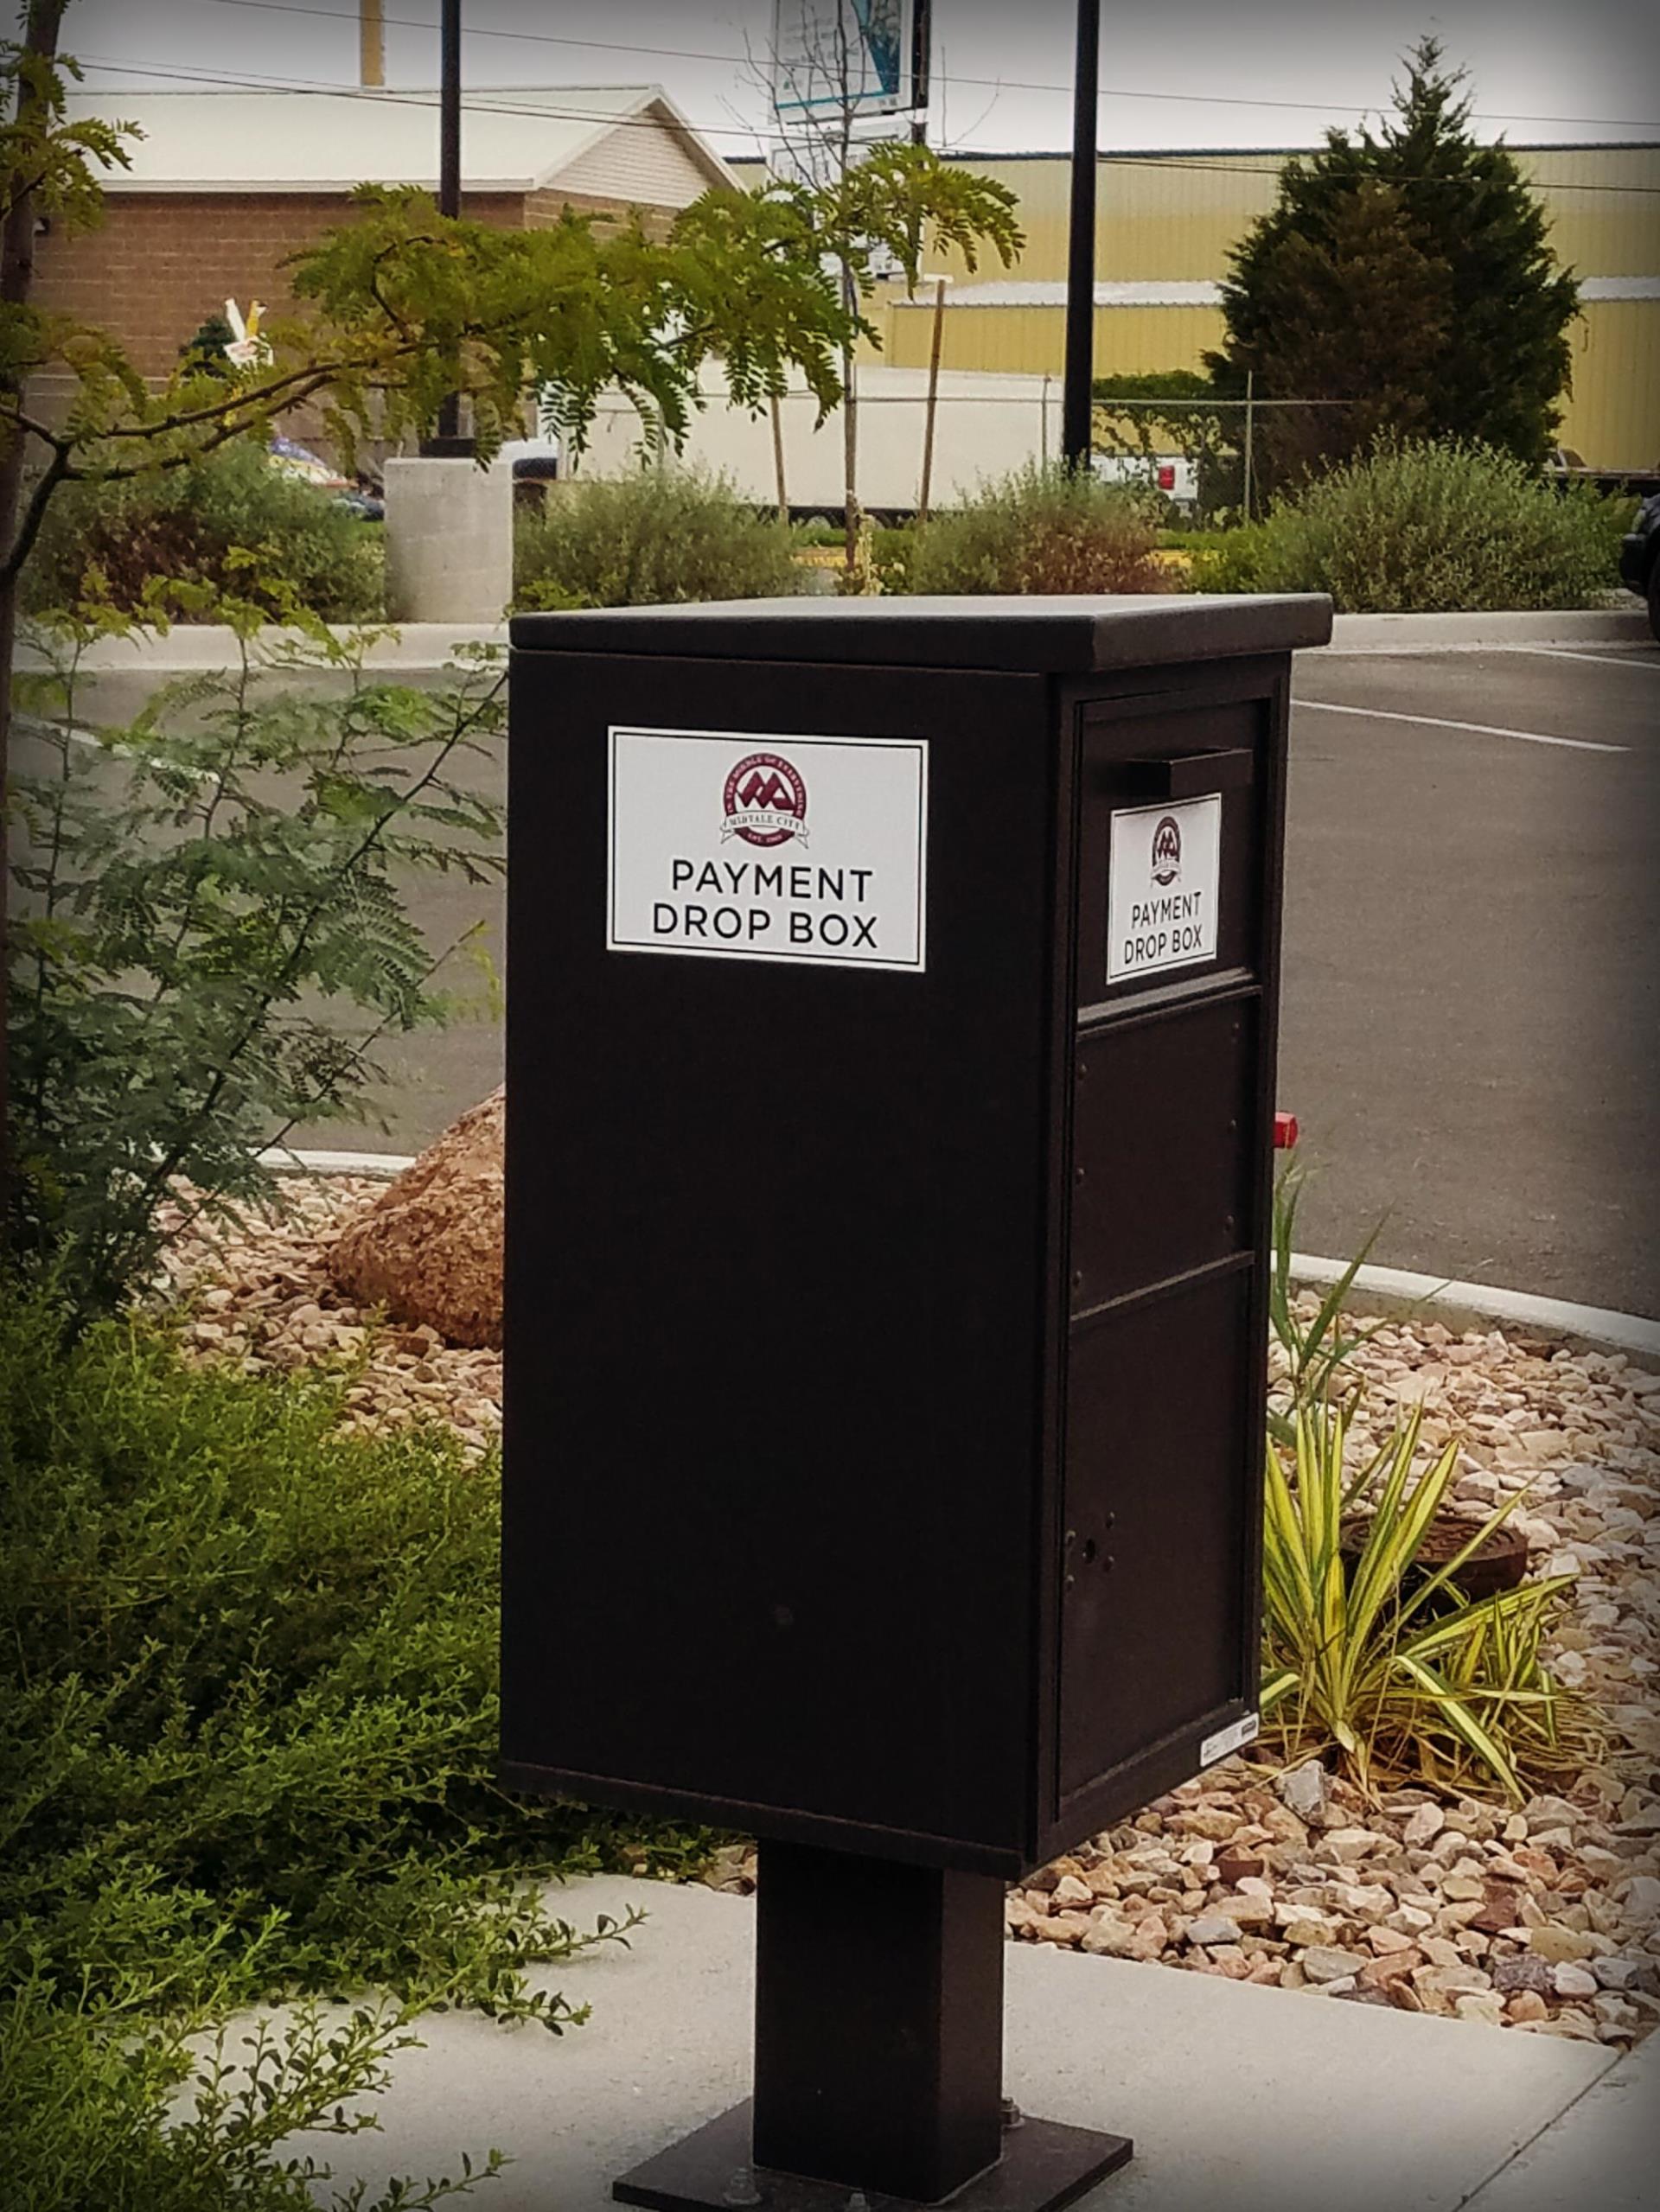 Payment Drop Box